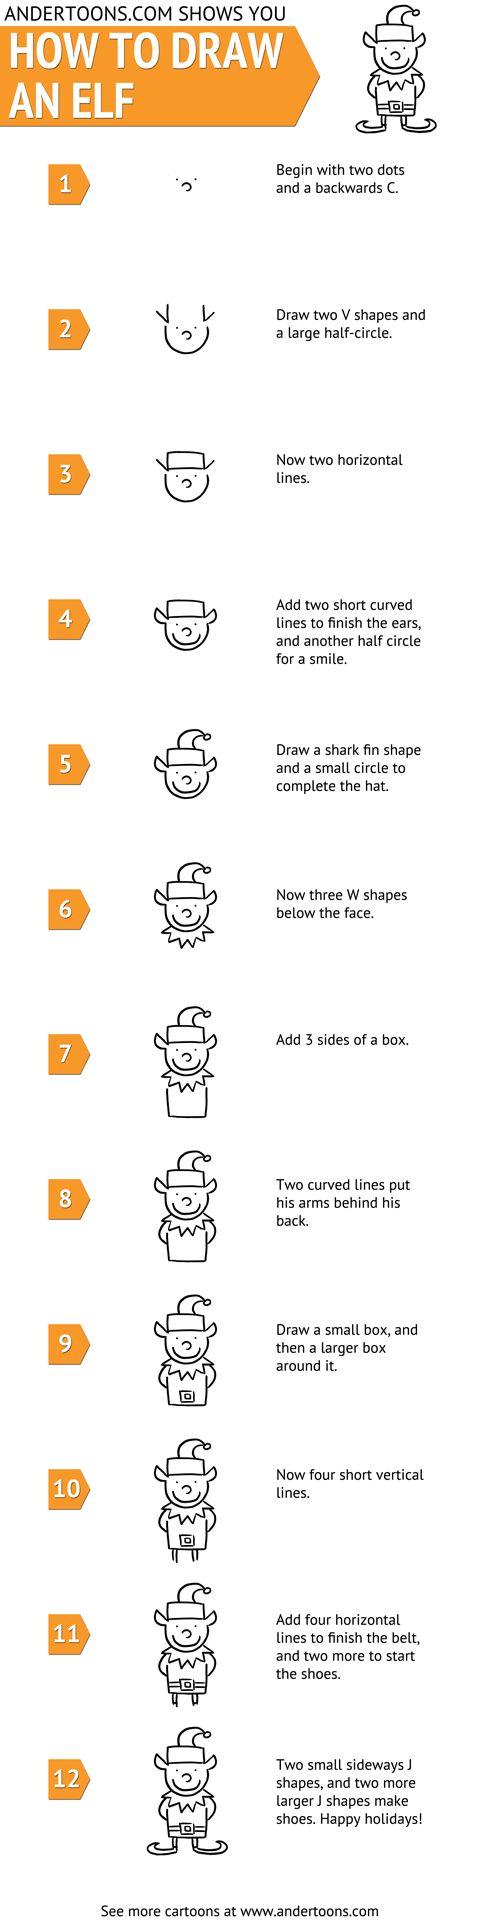 How To Draw A Cartoon Elf – Tutorial